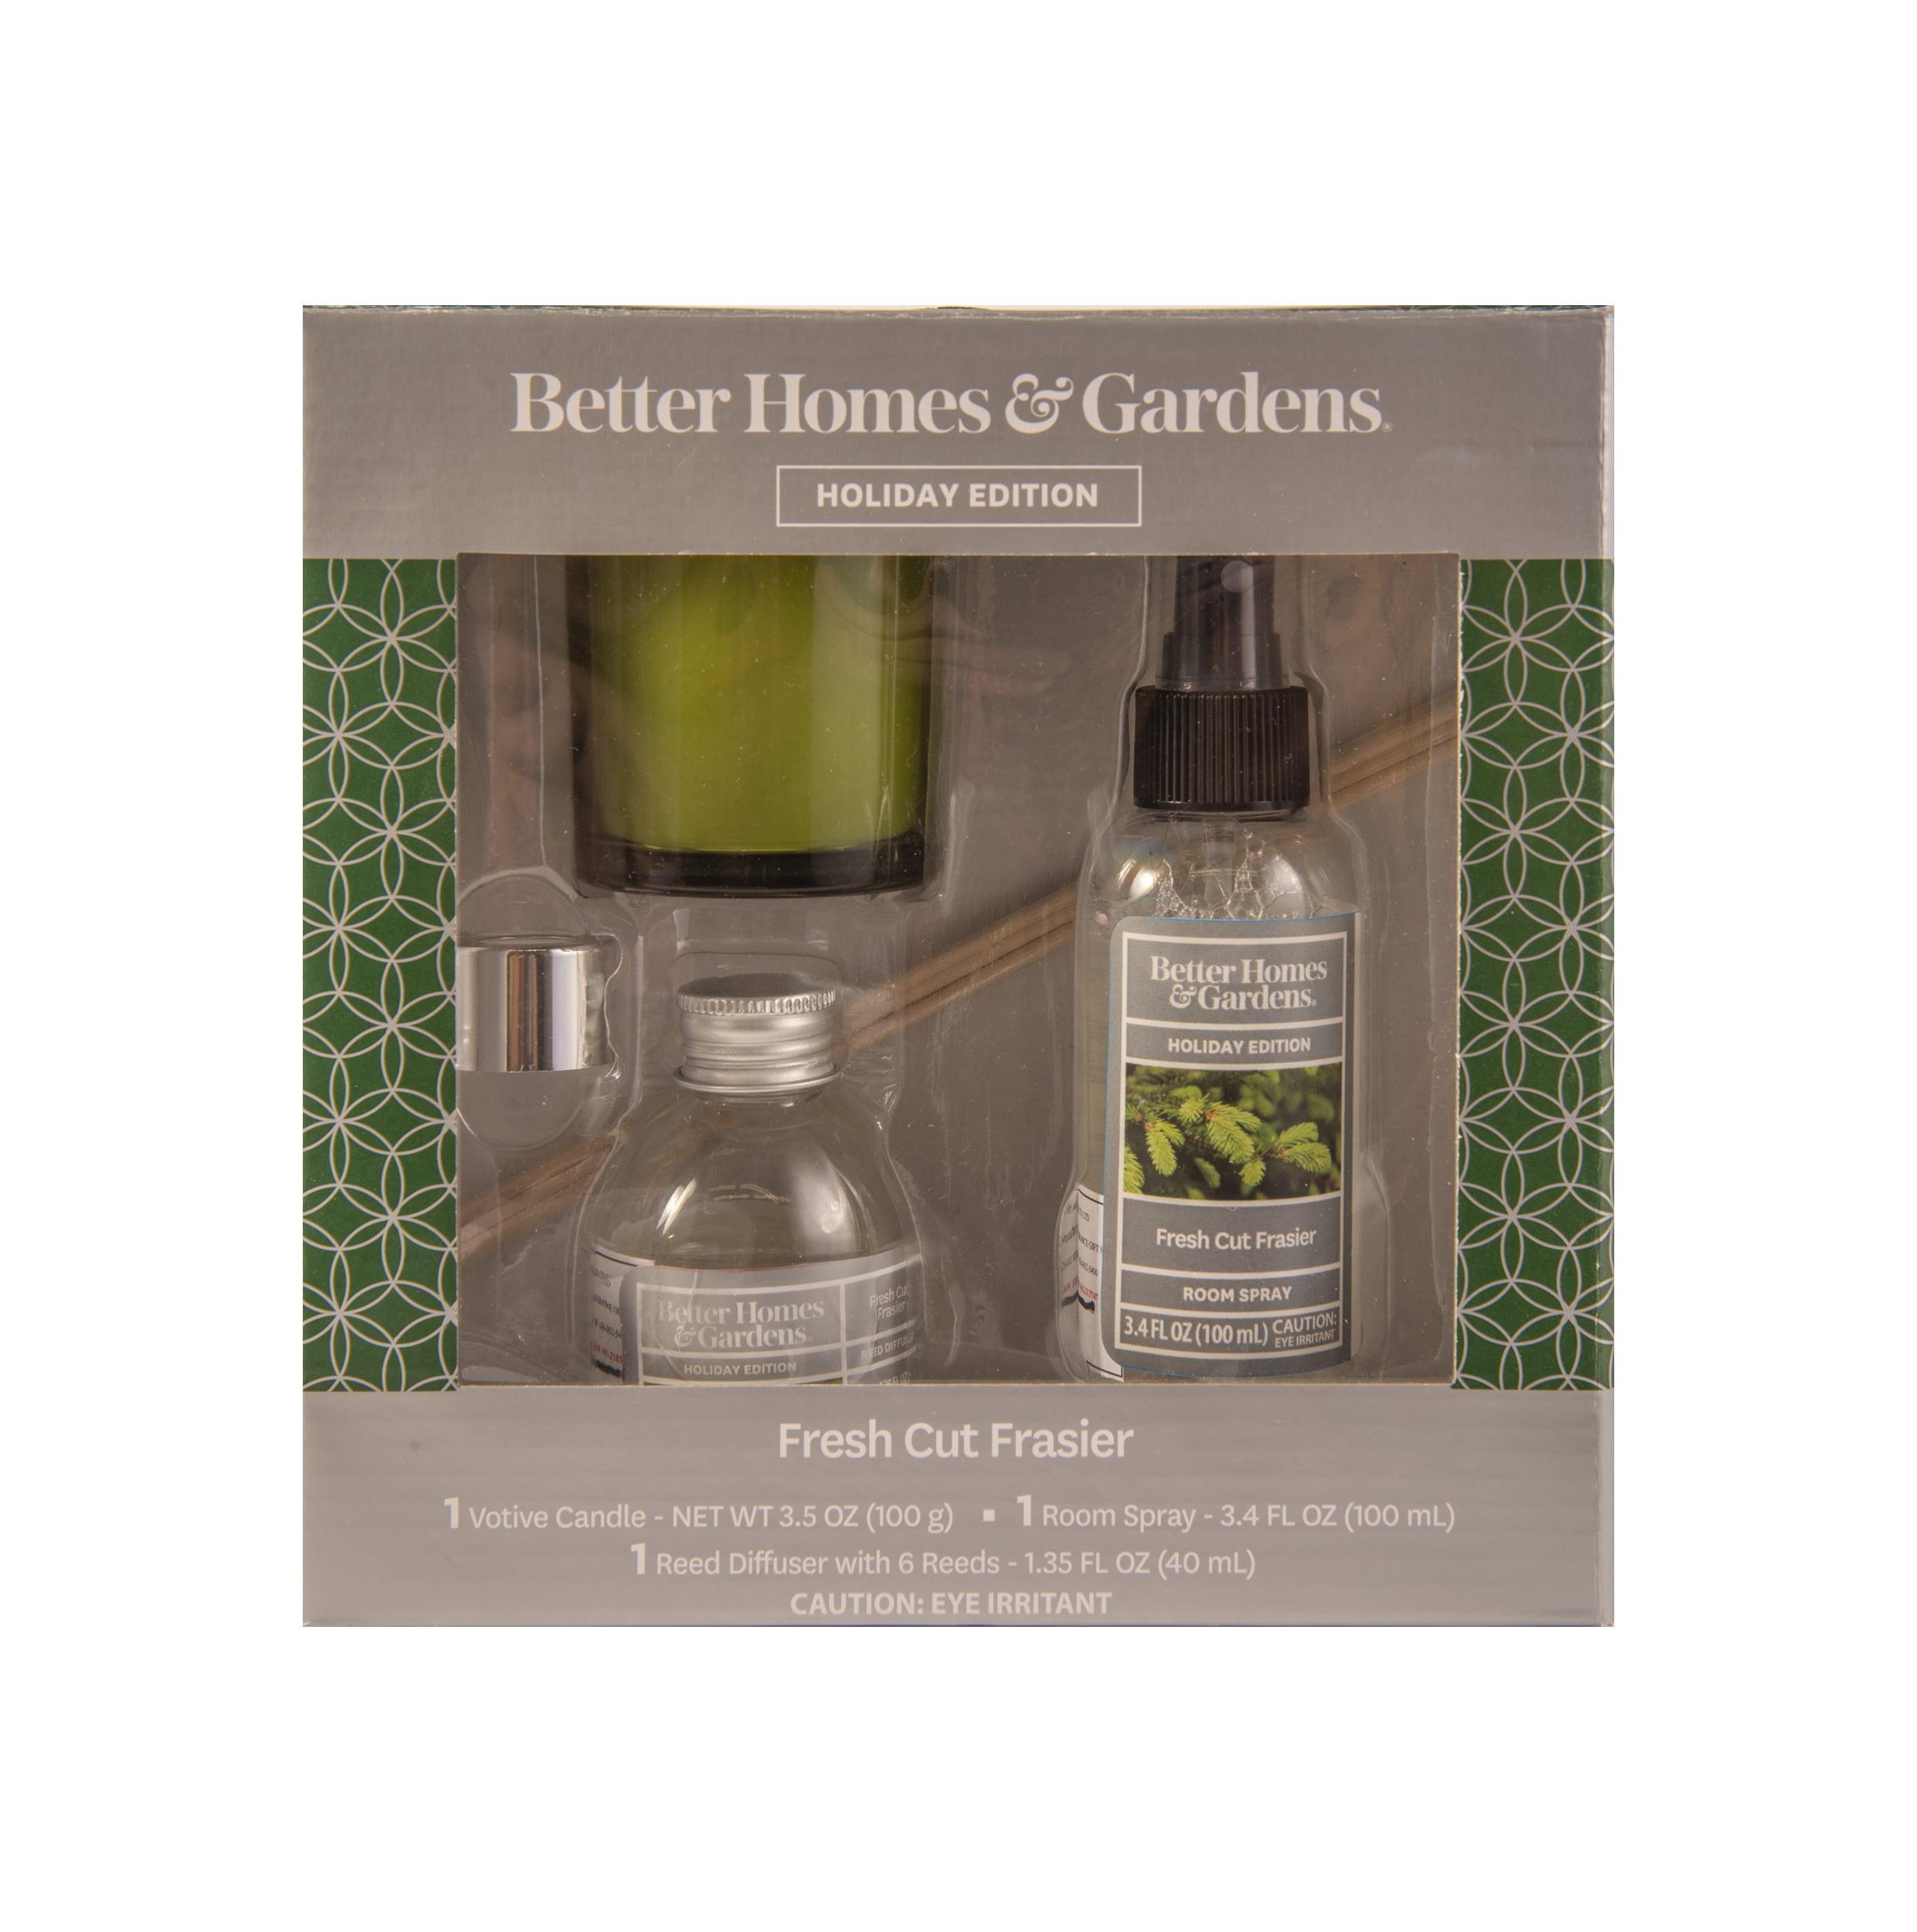 Better Homes & Gardens 3 Piece Fresh Cut Frasier Home Fragrance Gift Set